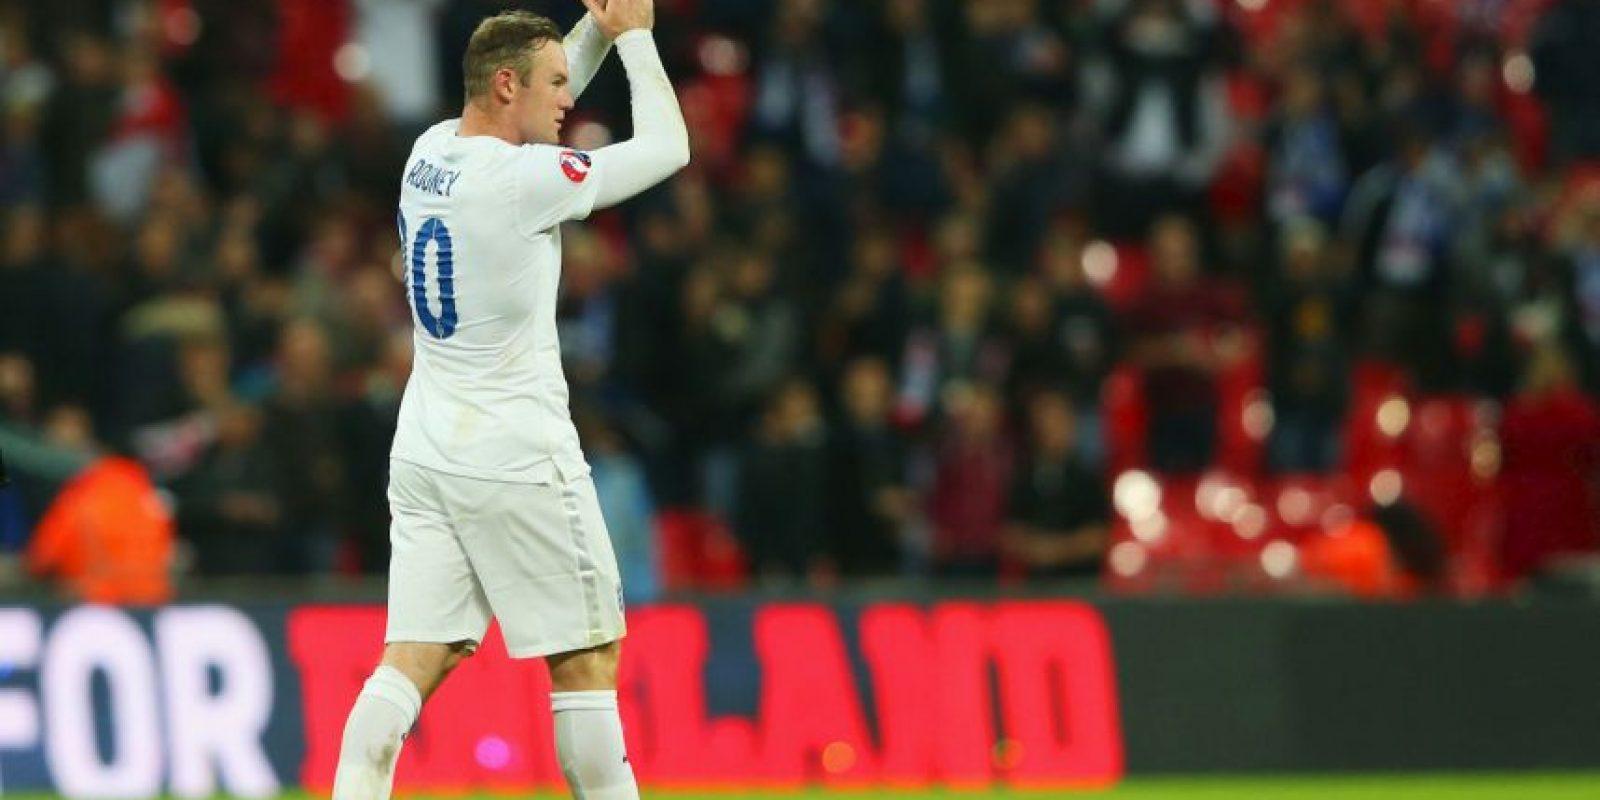 Se encuentra a 25 apariciones de igualar el récord de Peter Shilton, como el hombre con más partidos con la Selección inglesa Foto:Getty